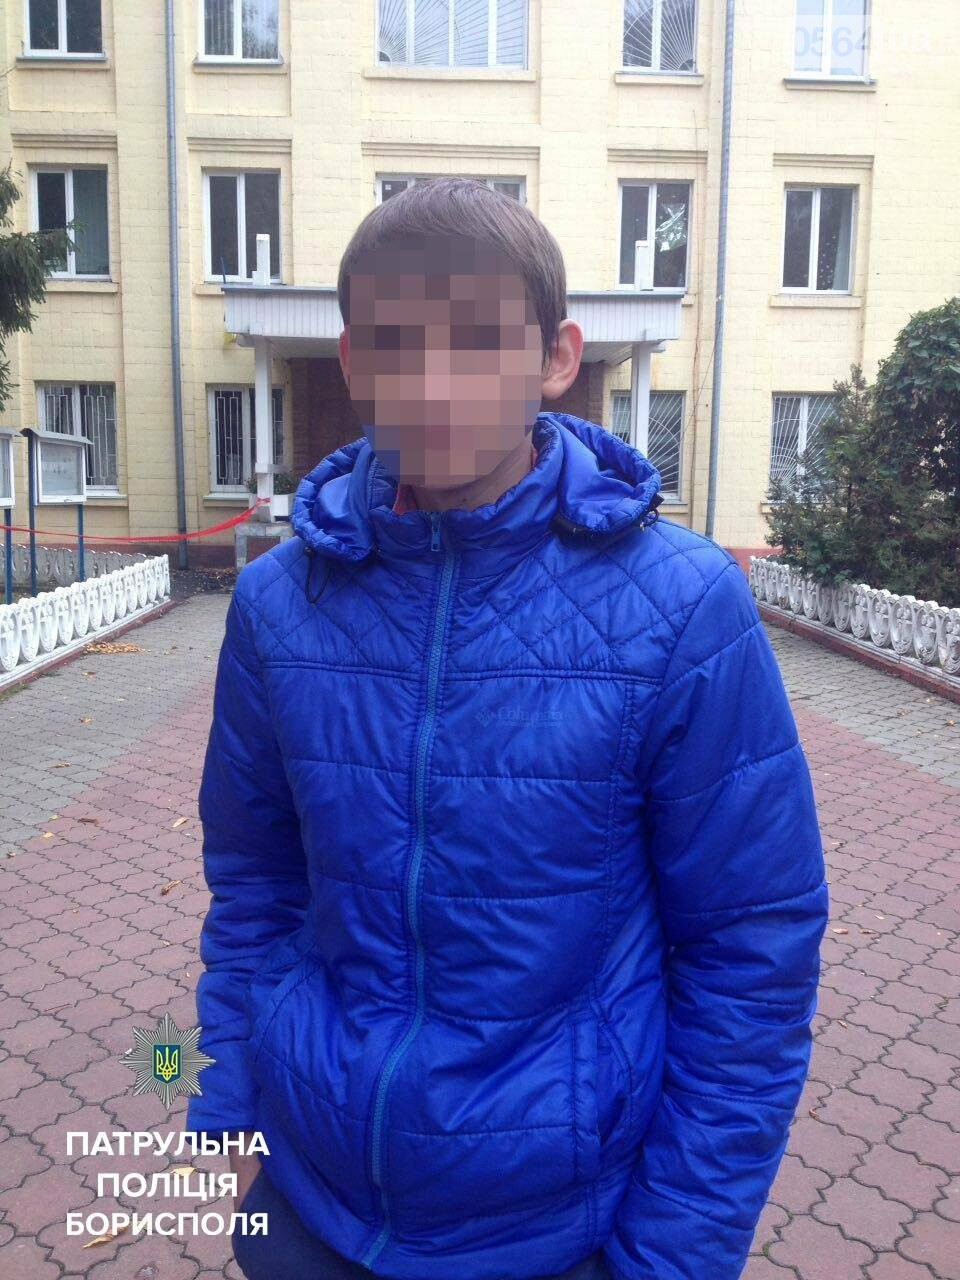 Патрульные позаботились о парне из Днепропетровщины, шагавшем по улице с полными карманами денег (ФОТО), фото-1